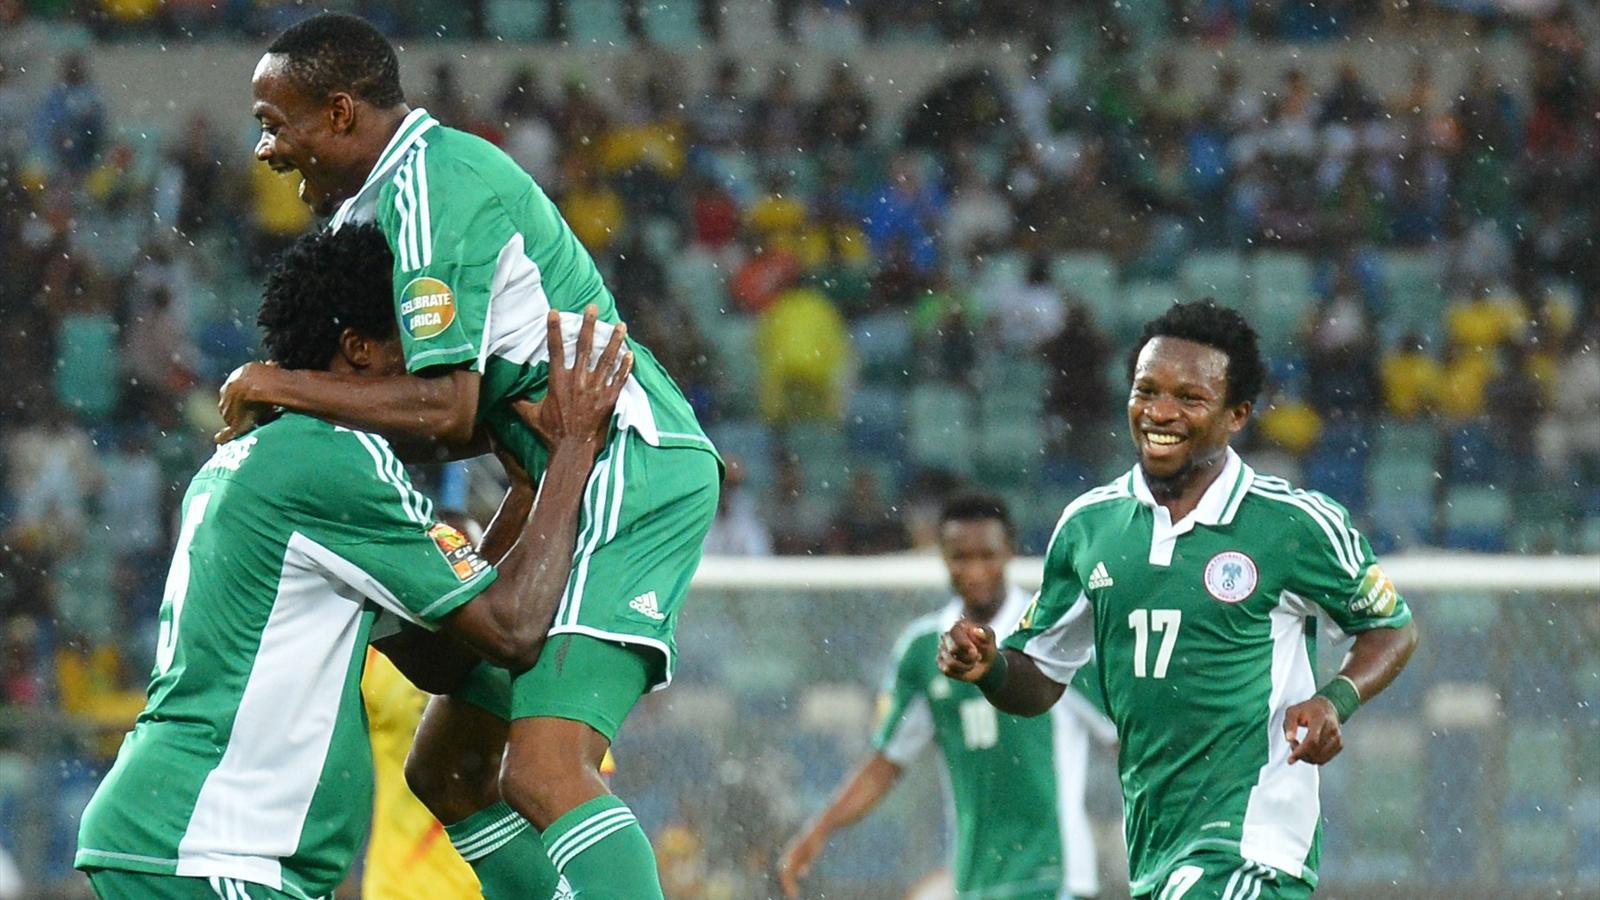 Can 2013 le conseil de classe coupe d 39 afrique des nations 2013 football eurosport - Resultat foot coupe d afrique ...